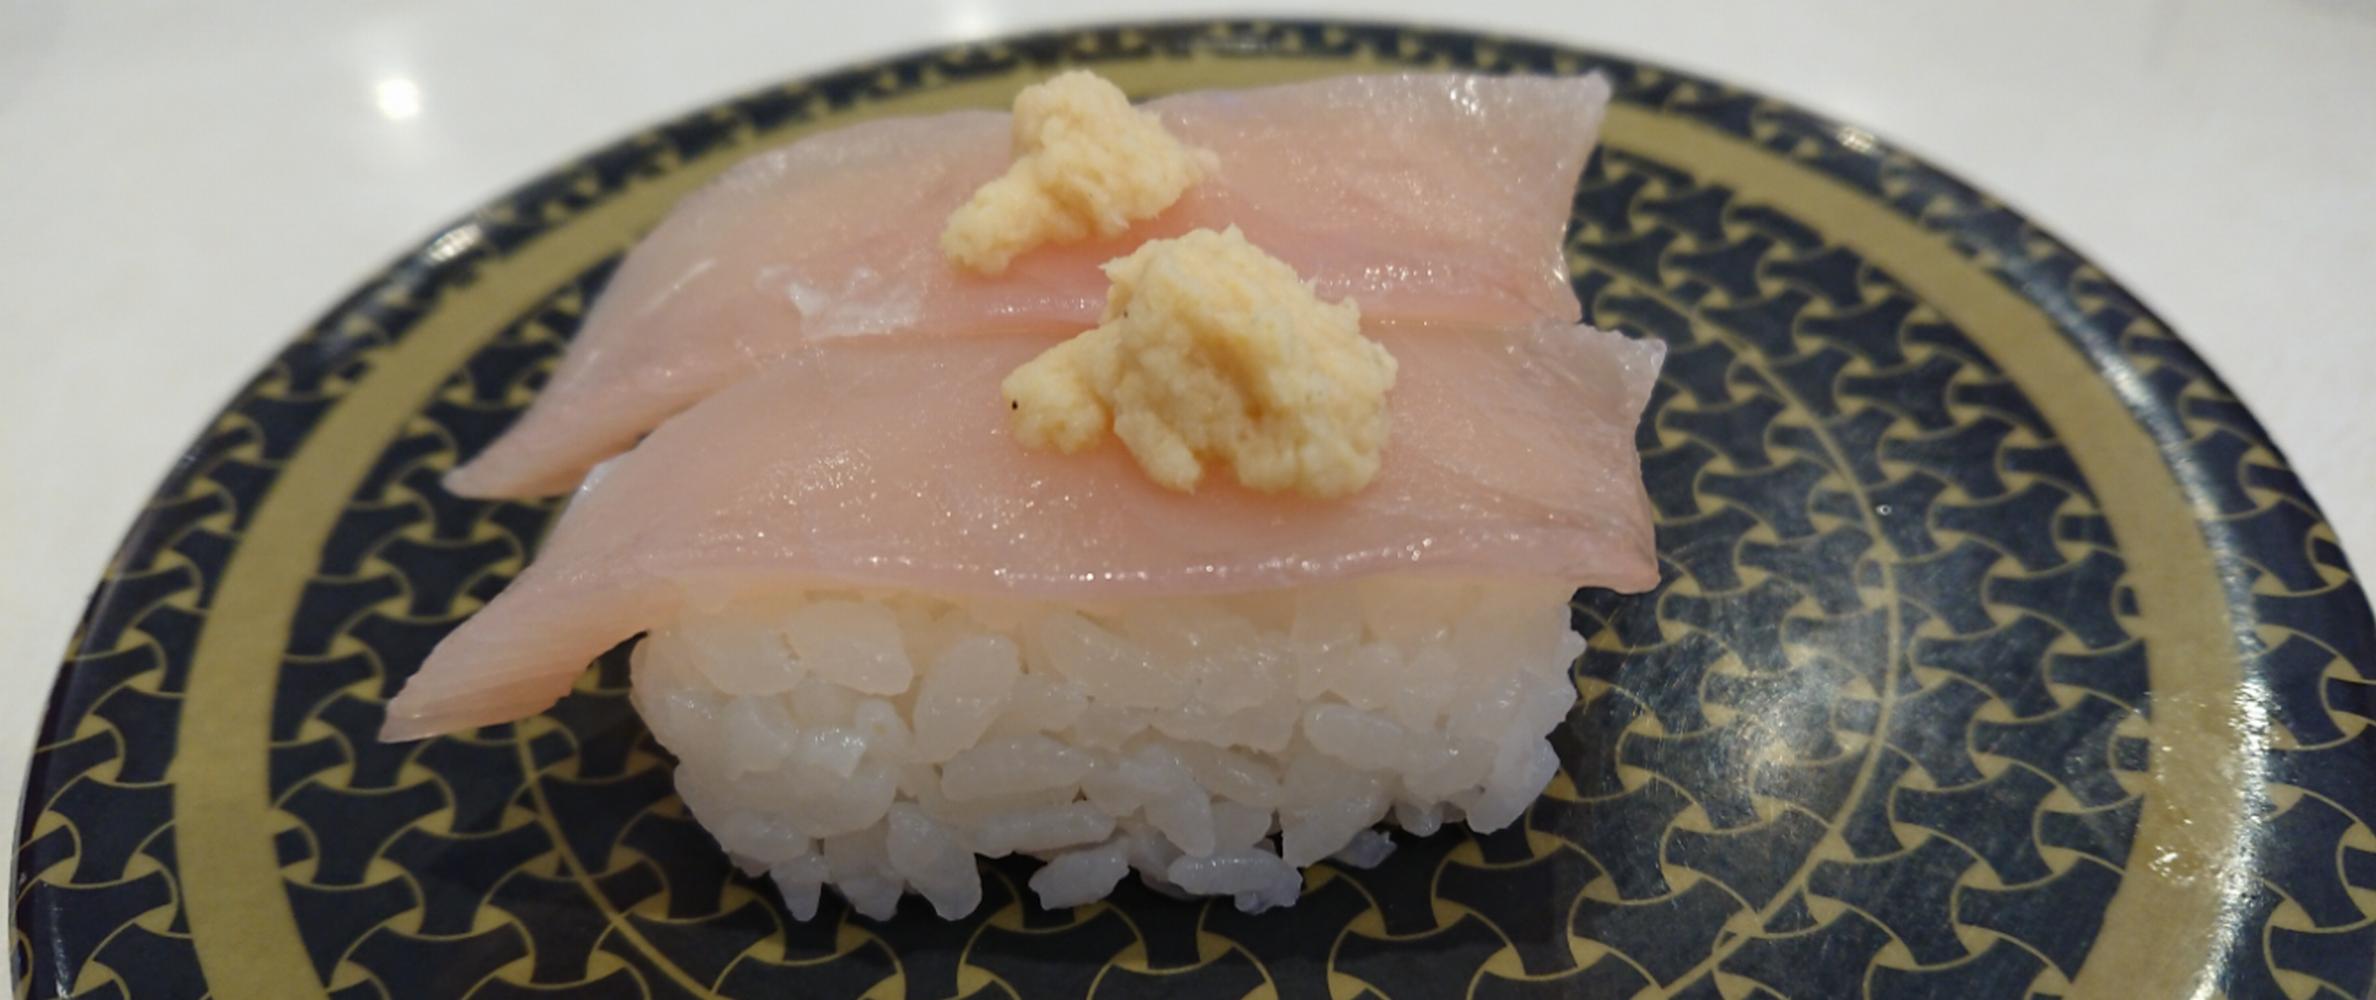 はま寿司のお寿司